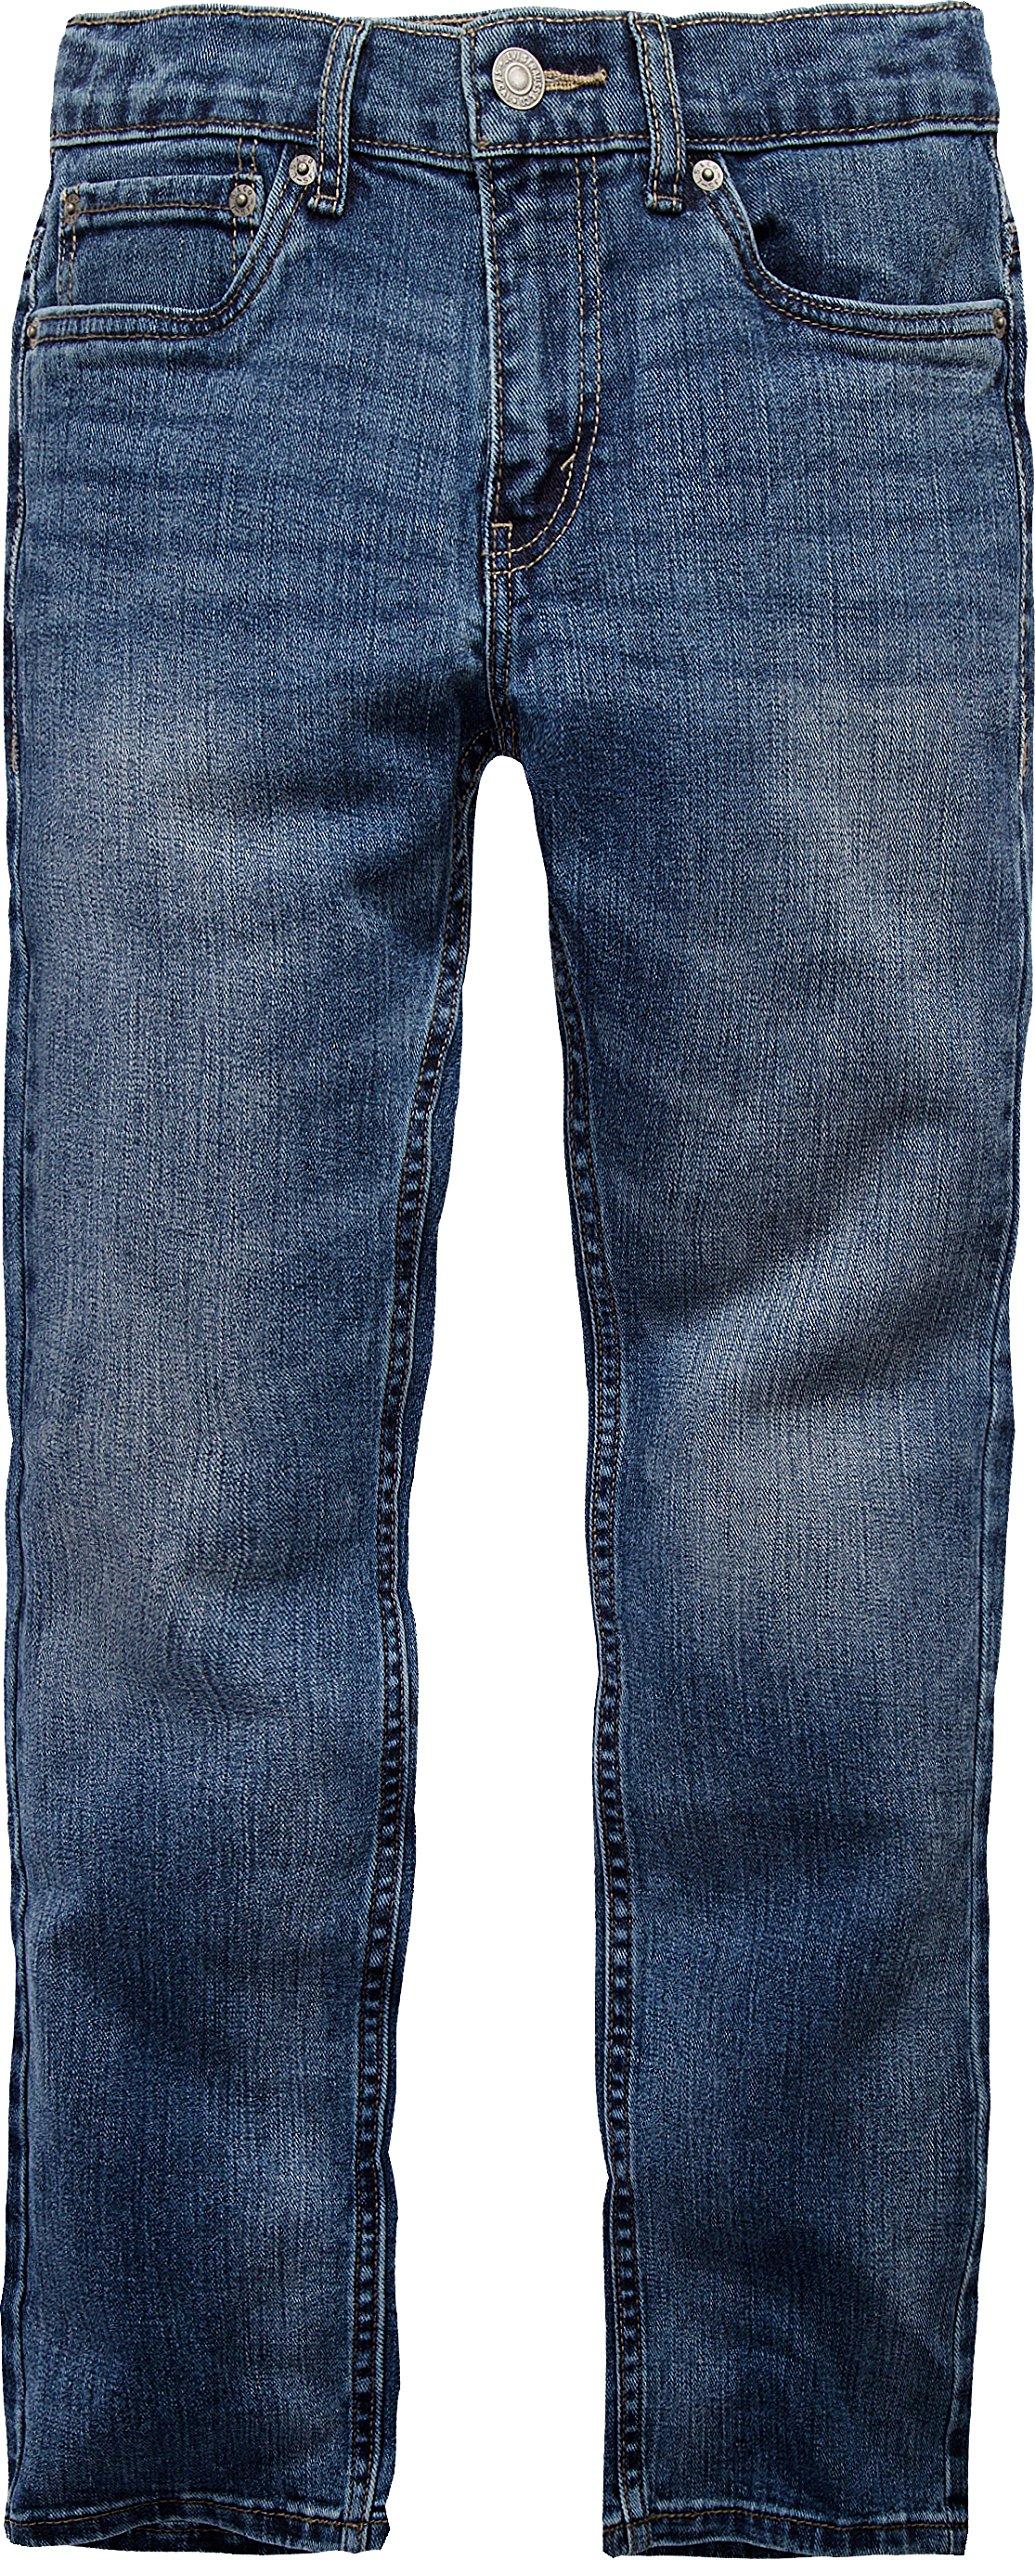 Levi's Boys' 511 Slim Fit Jeans, Vintage Falls, 18